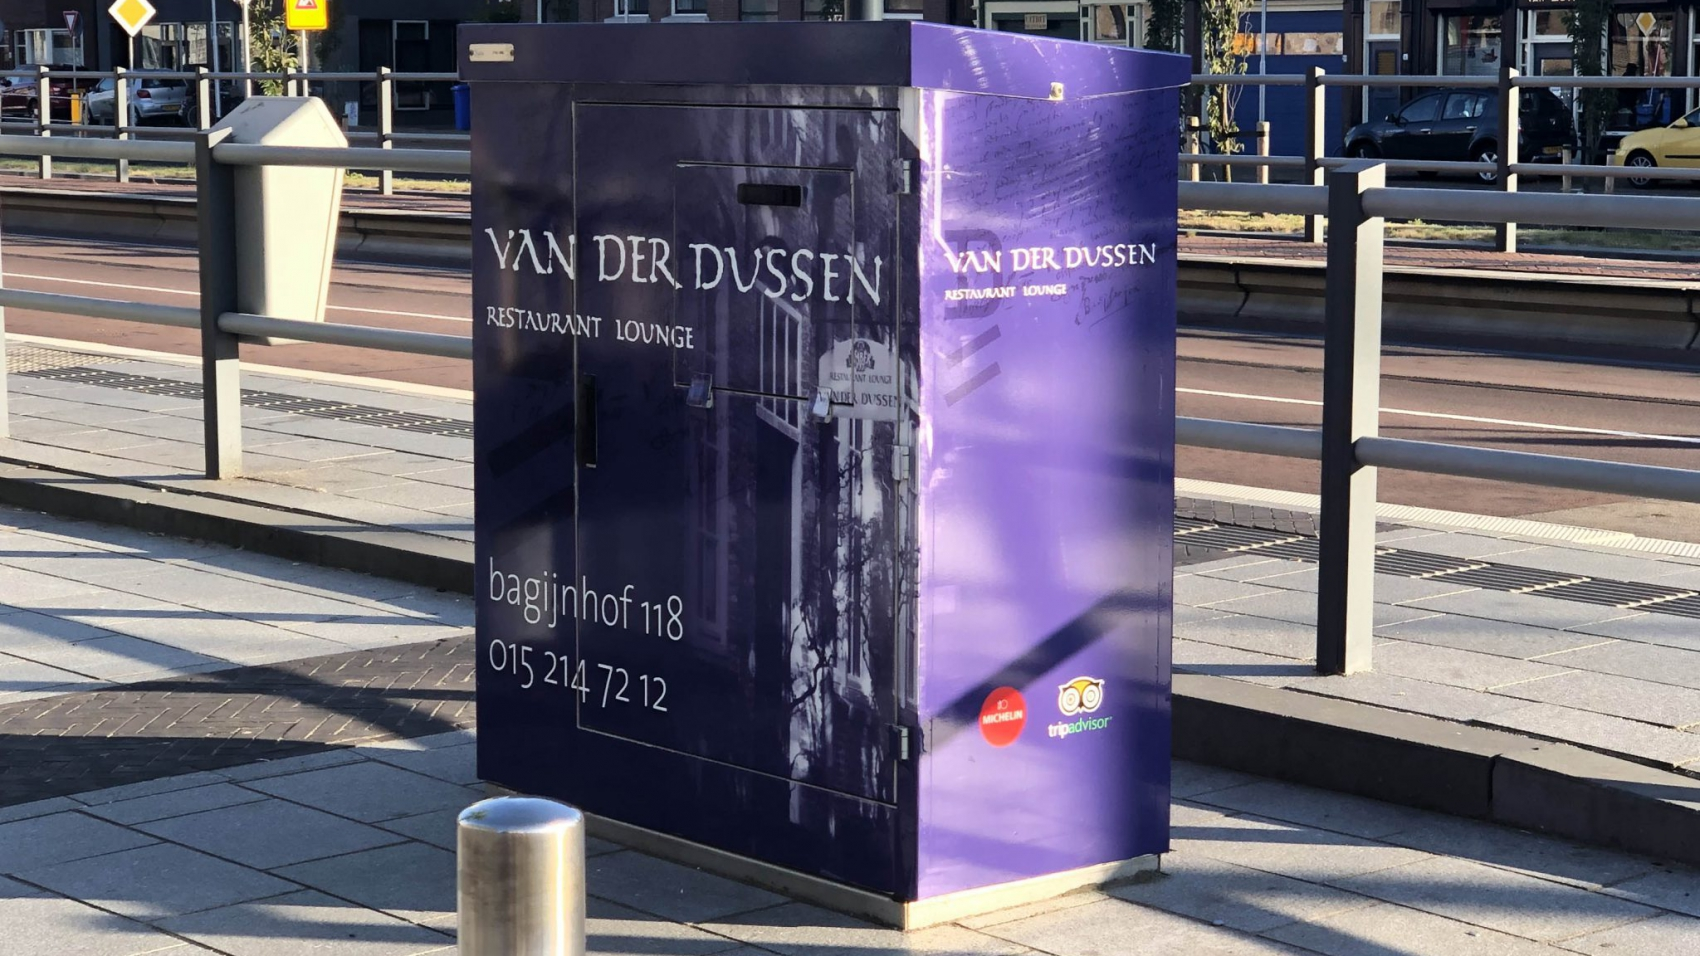 VR kast Restaurant van der Dussen2